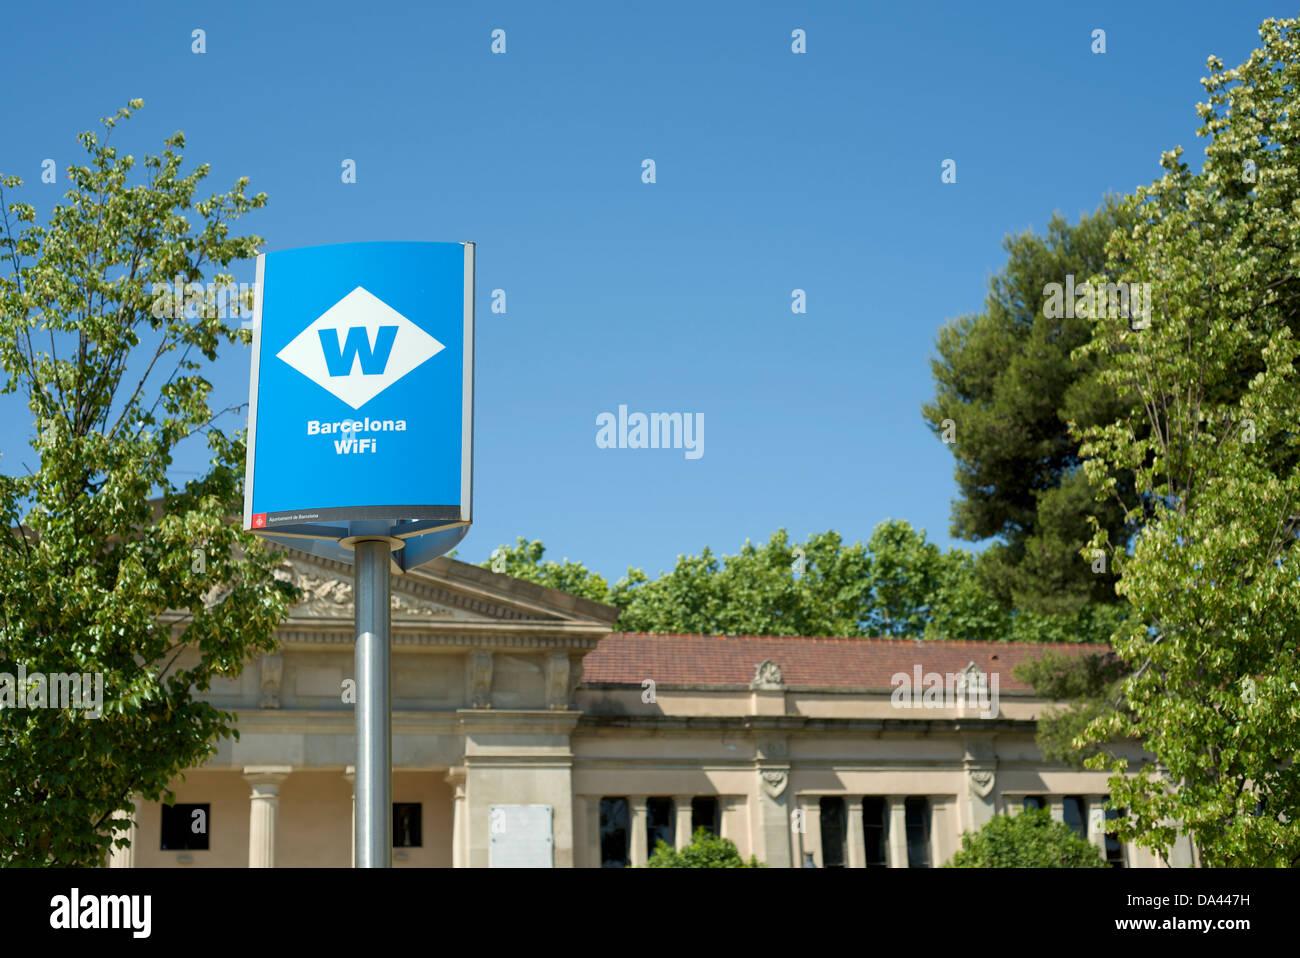 Cartel de hotspot wi-fi pública en Barcelona, España Imagen De Stock